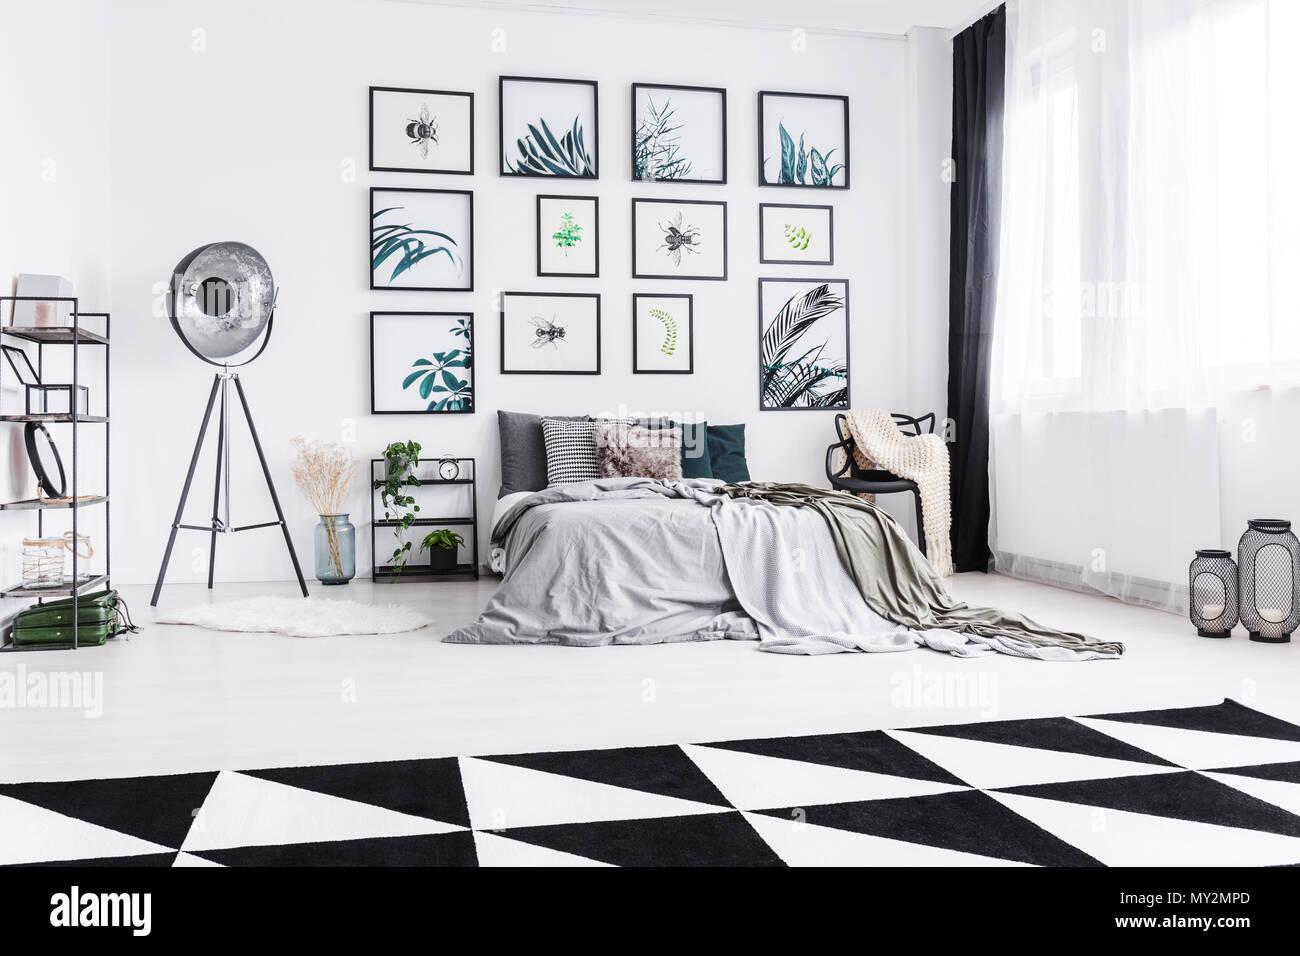 Camera Da Letto Bianco E Nero : Foto reale di un bianco e nero camera da letto con un letto in piedi